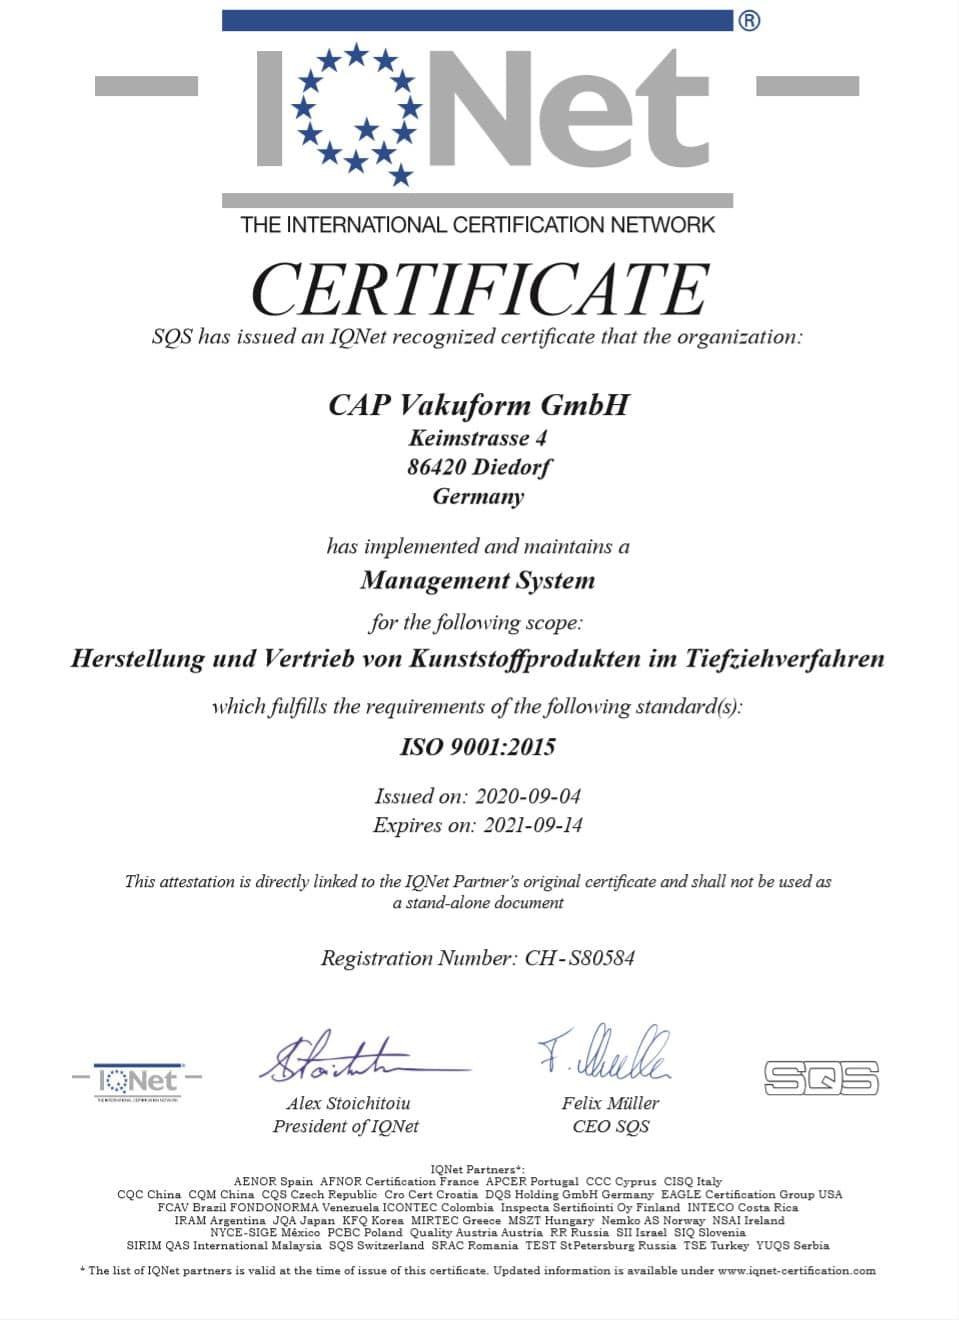 Zertifikat für das Einrichten eines MAnagement Systems in der CAP Vakuform GmbH